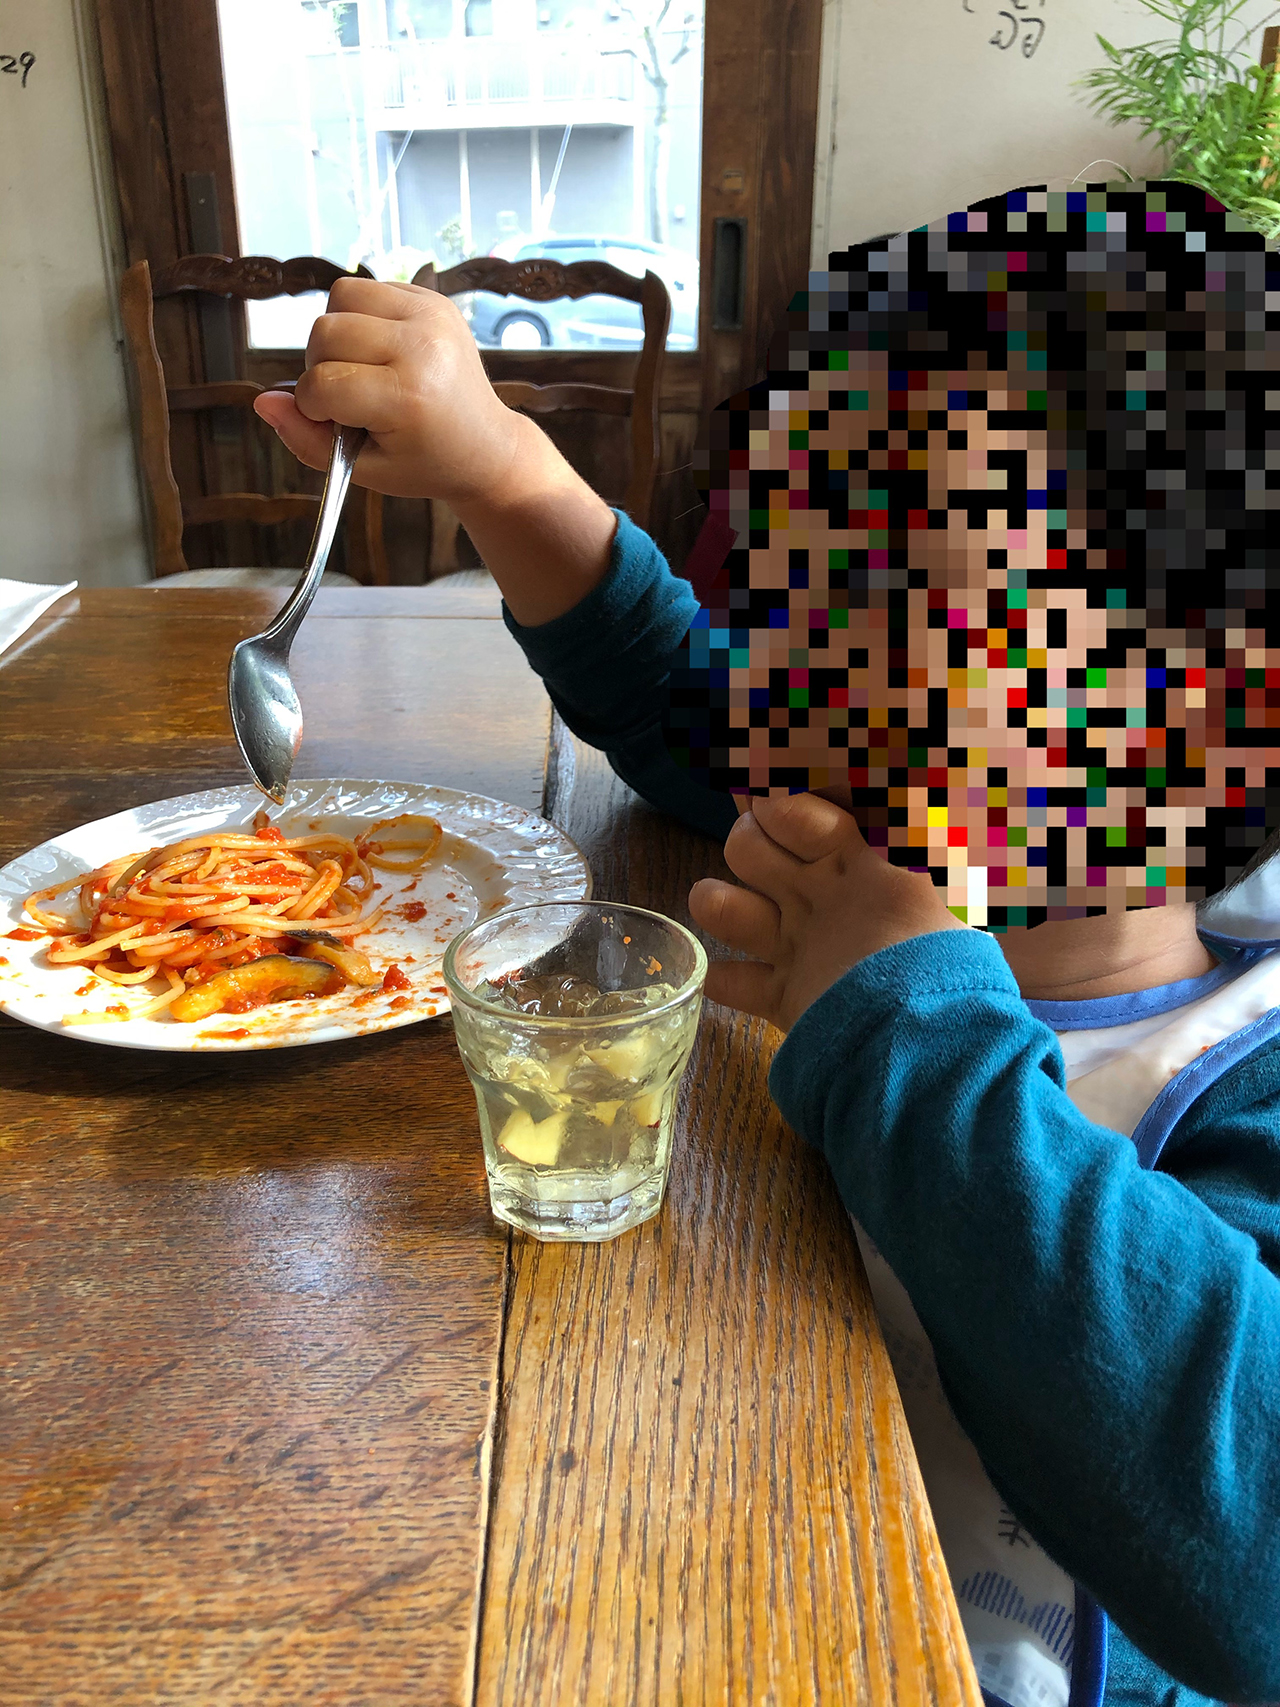 子供がパスタを食べている写真